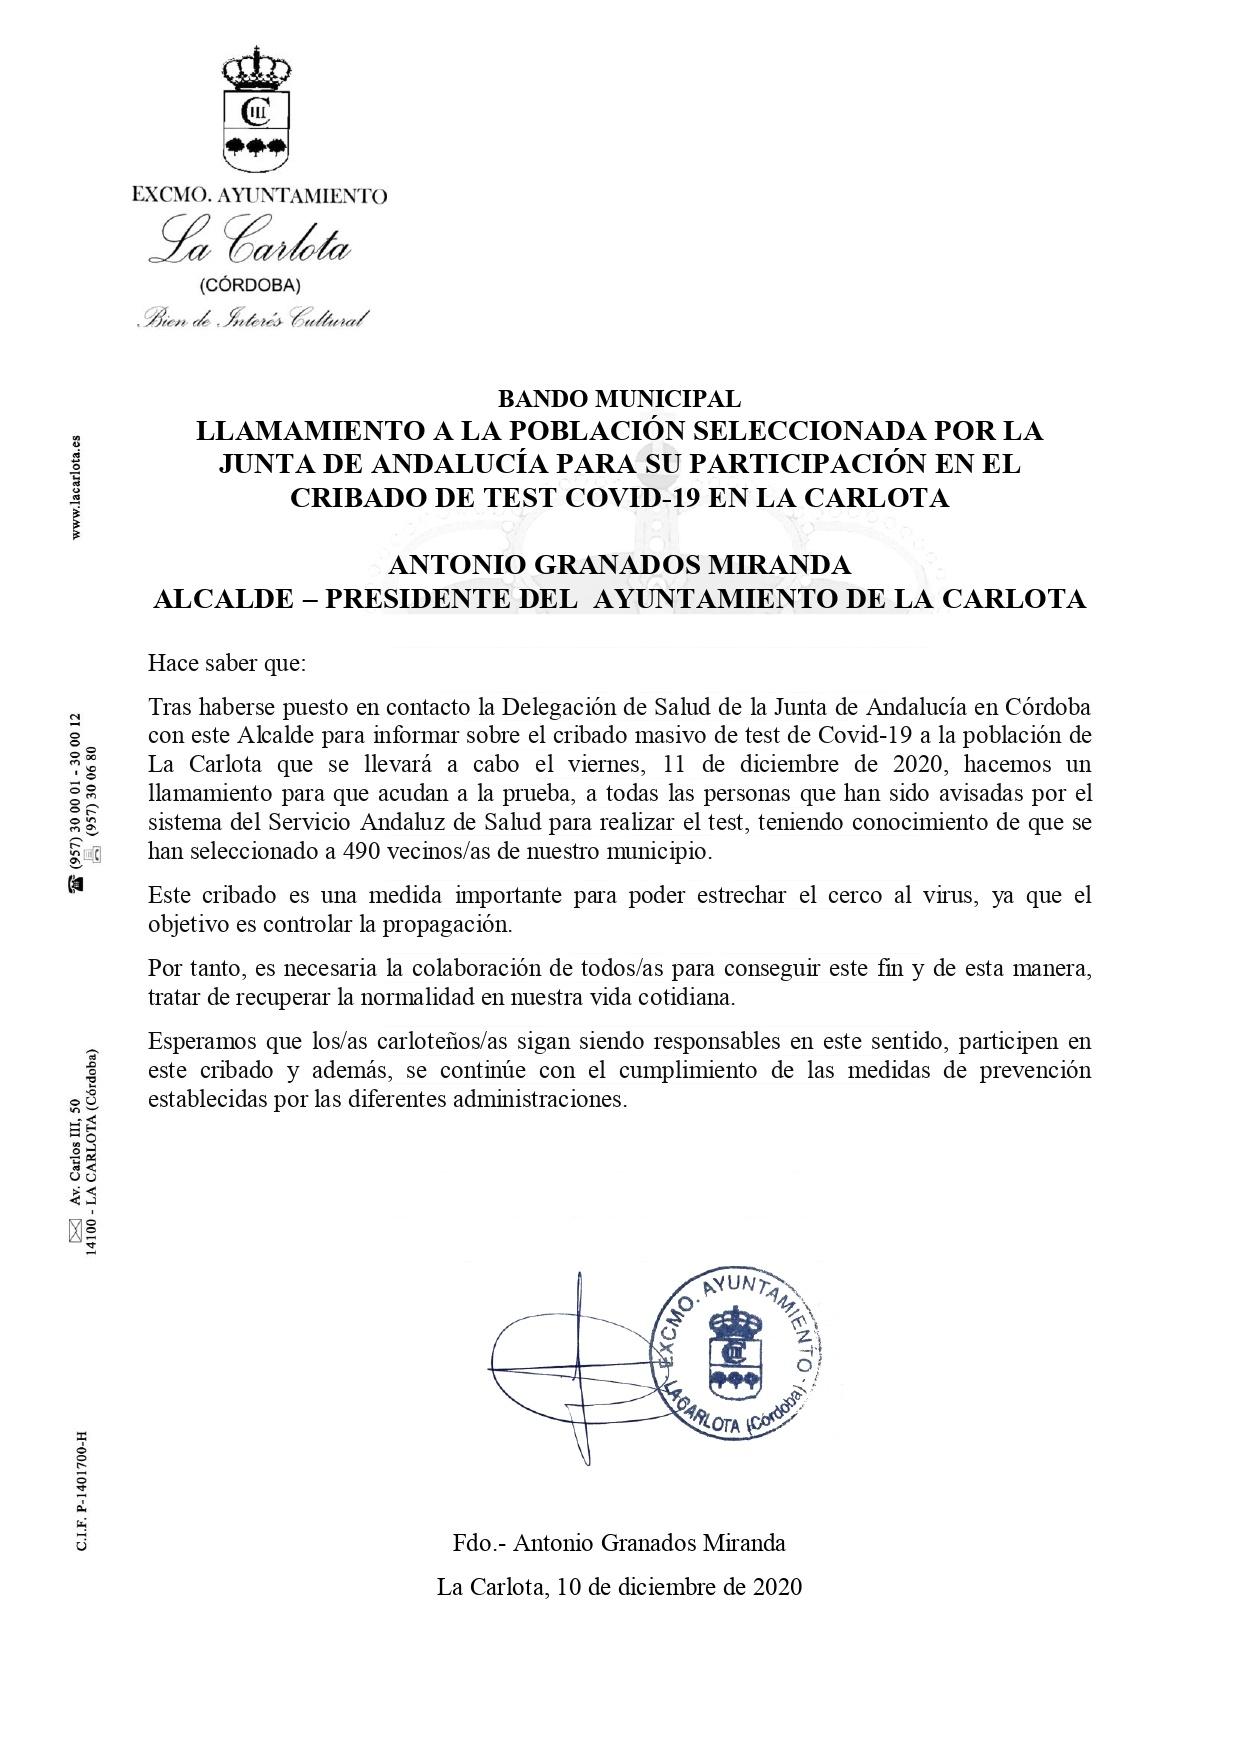 BANDO MUNICIPAL LLAMAMIENTO A LA POBLACIÓN SELECCIONADA POR LA JUNTA DE ANDALUCÍA PARA SU PARTICIPACIÓN EN EL CRIBADO DE TEST COVID-19 EN LA CARLOTA  1